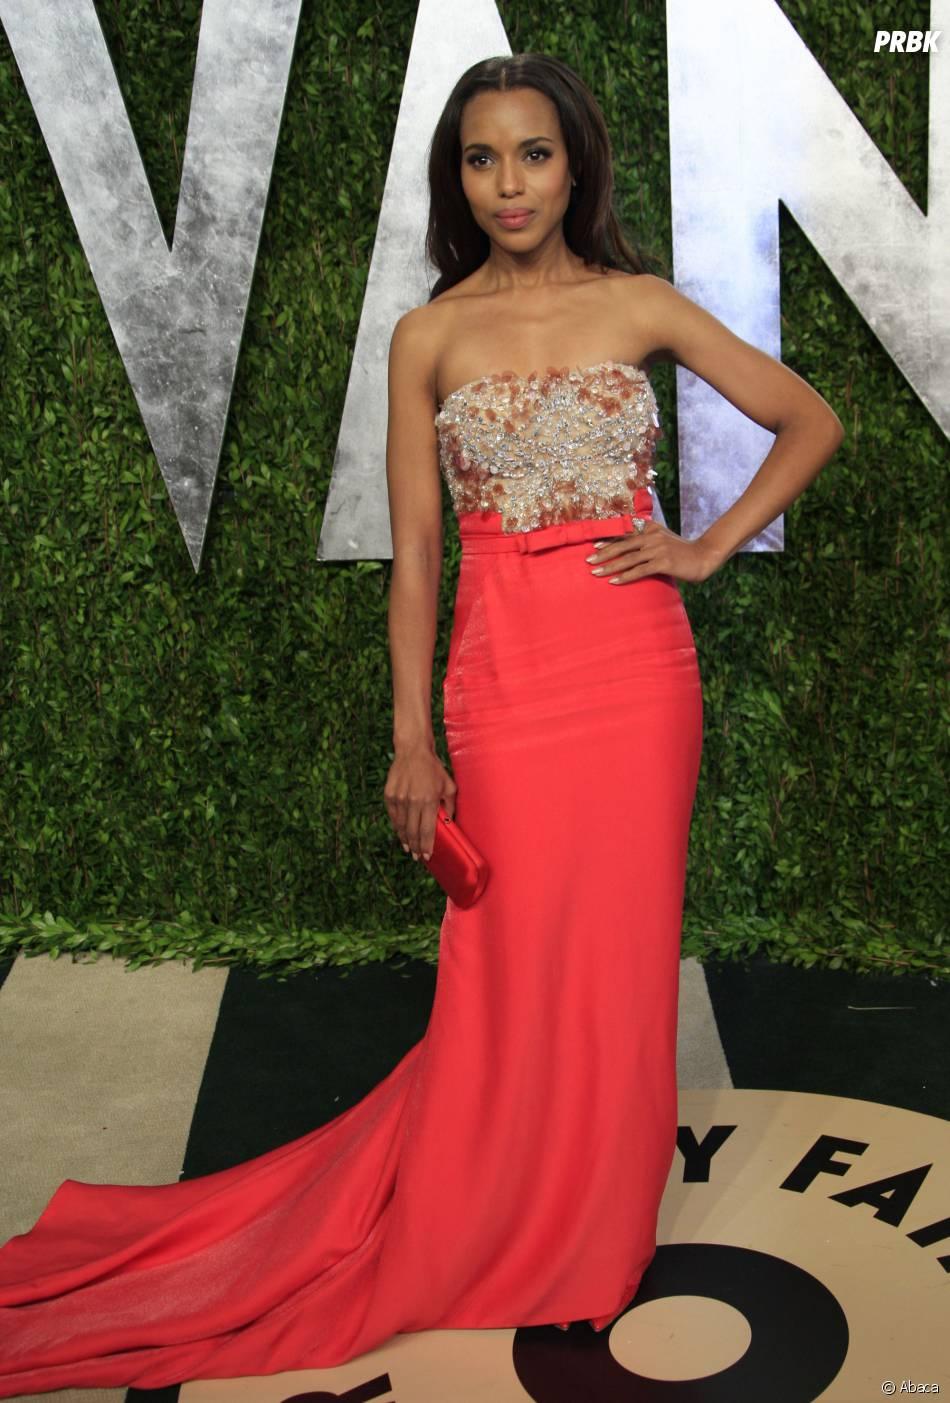 Kerry Washington sublime à la soirée Vanity Fair des Oscars 2013